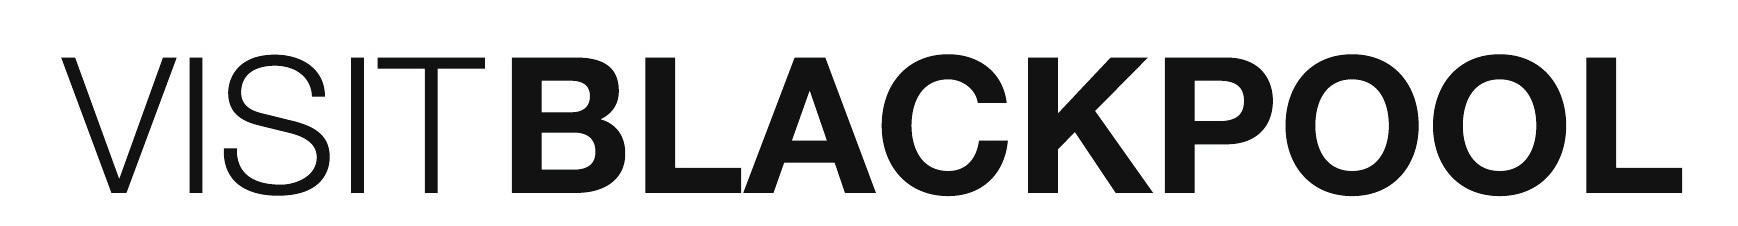 new VB logo black-white (3).jpg